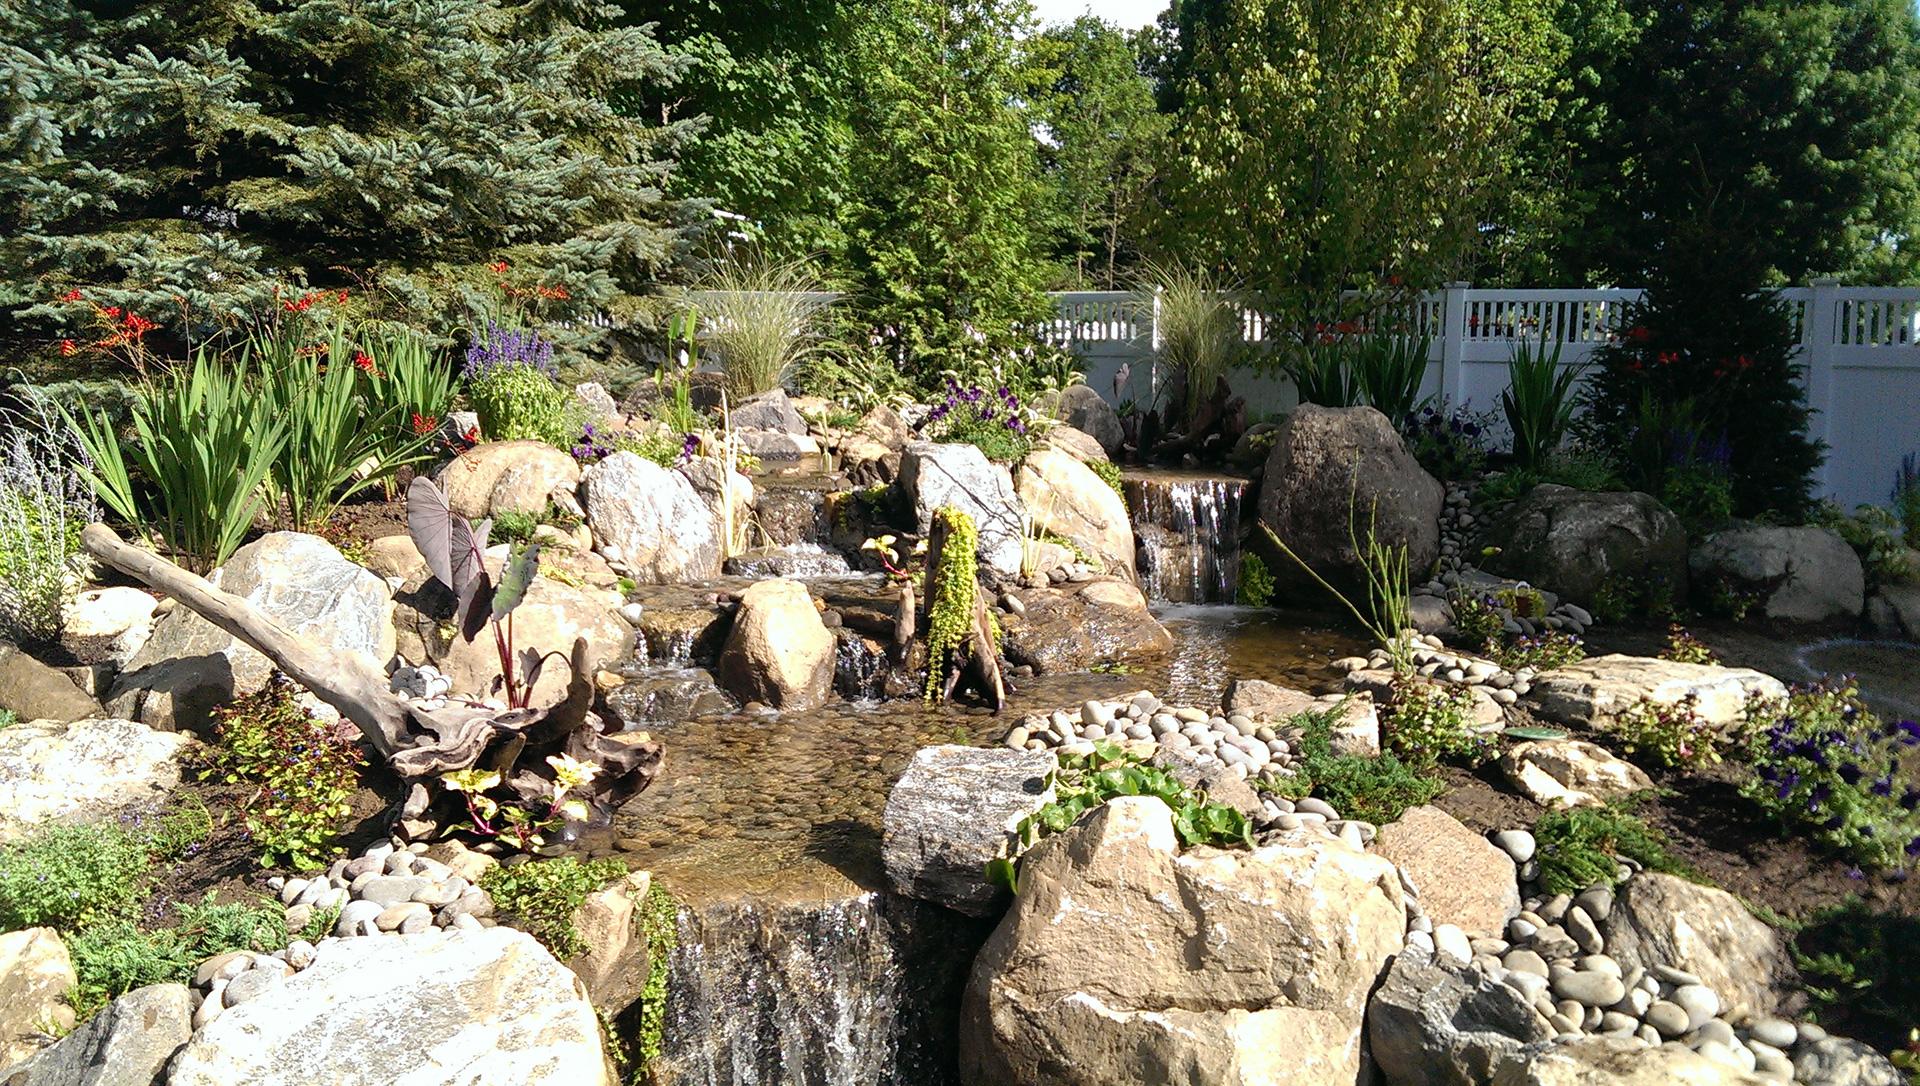 AquaScapes East Landscaping, Pond Contractor and Landscape Design slide 1